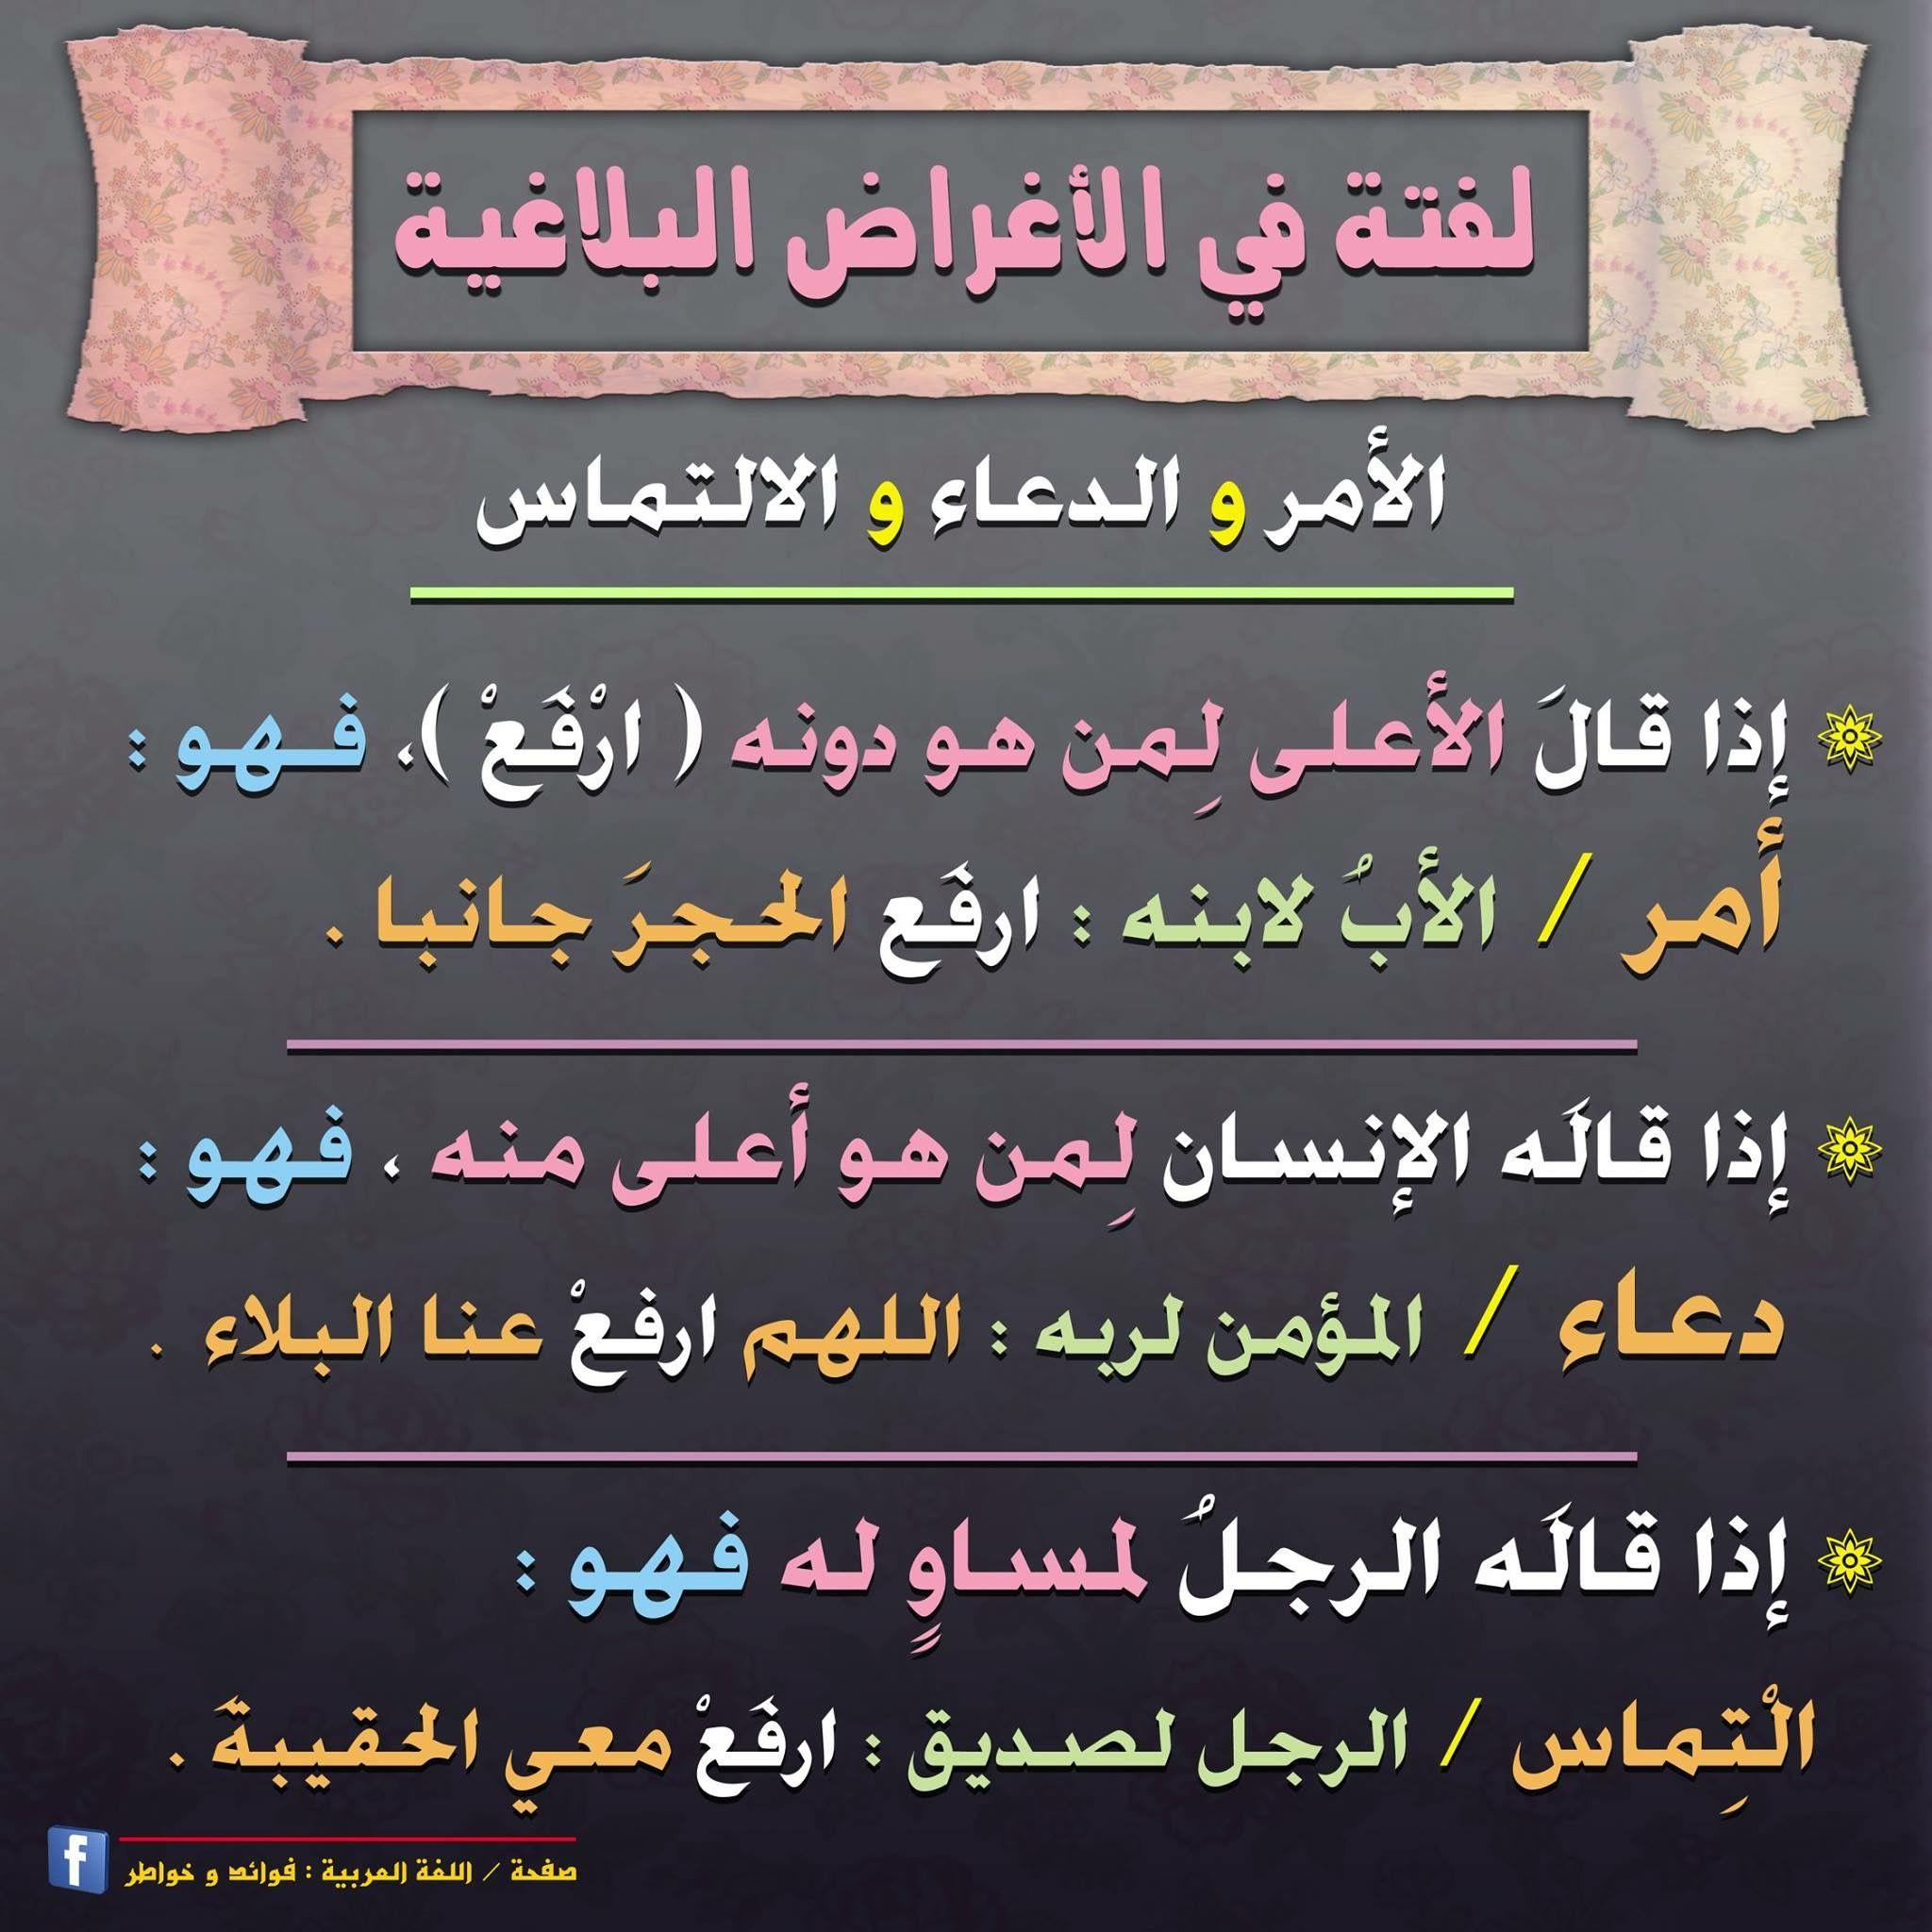 الأمر الدعاء الإلتماس Arabic Language Learn Arabic Language Learning Arabic